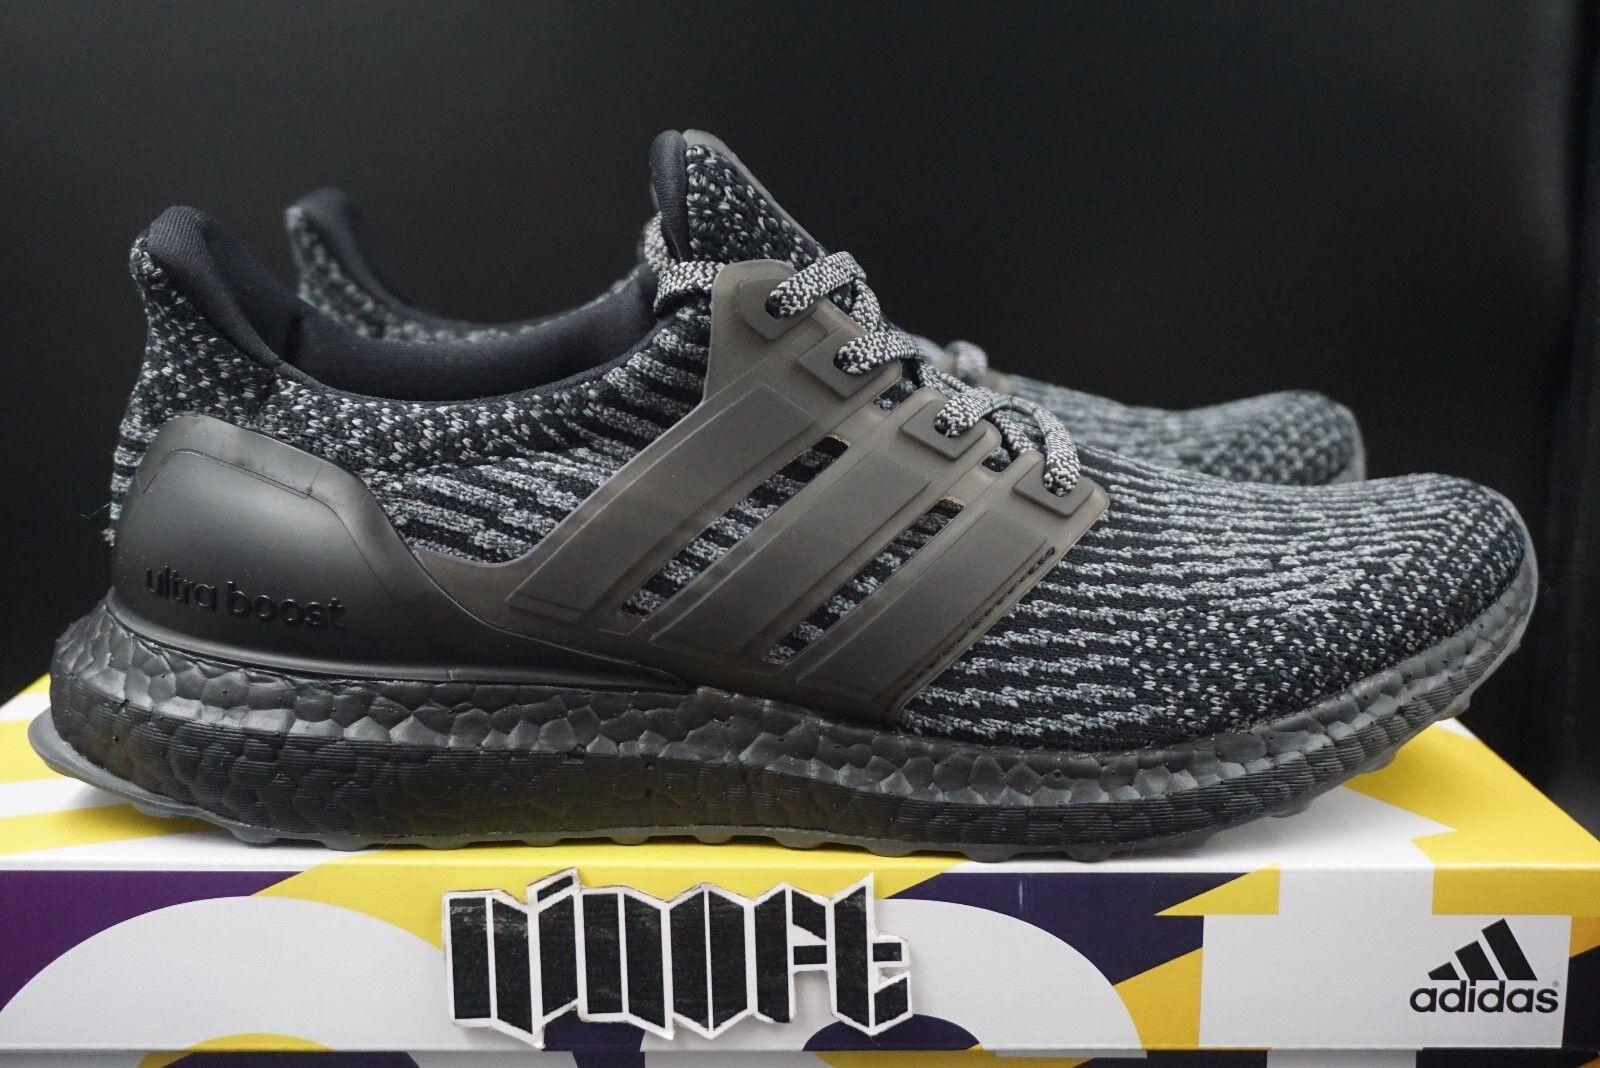 Adidas - schub - schwarz - grauen 3.0 nur ba8923 neue